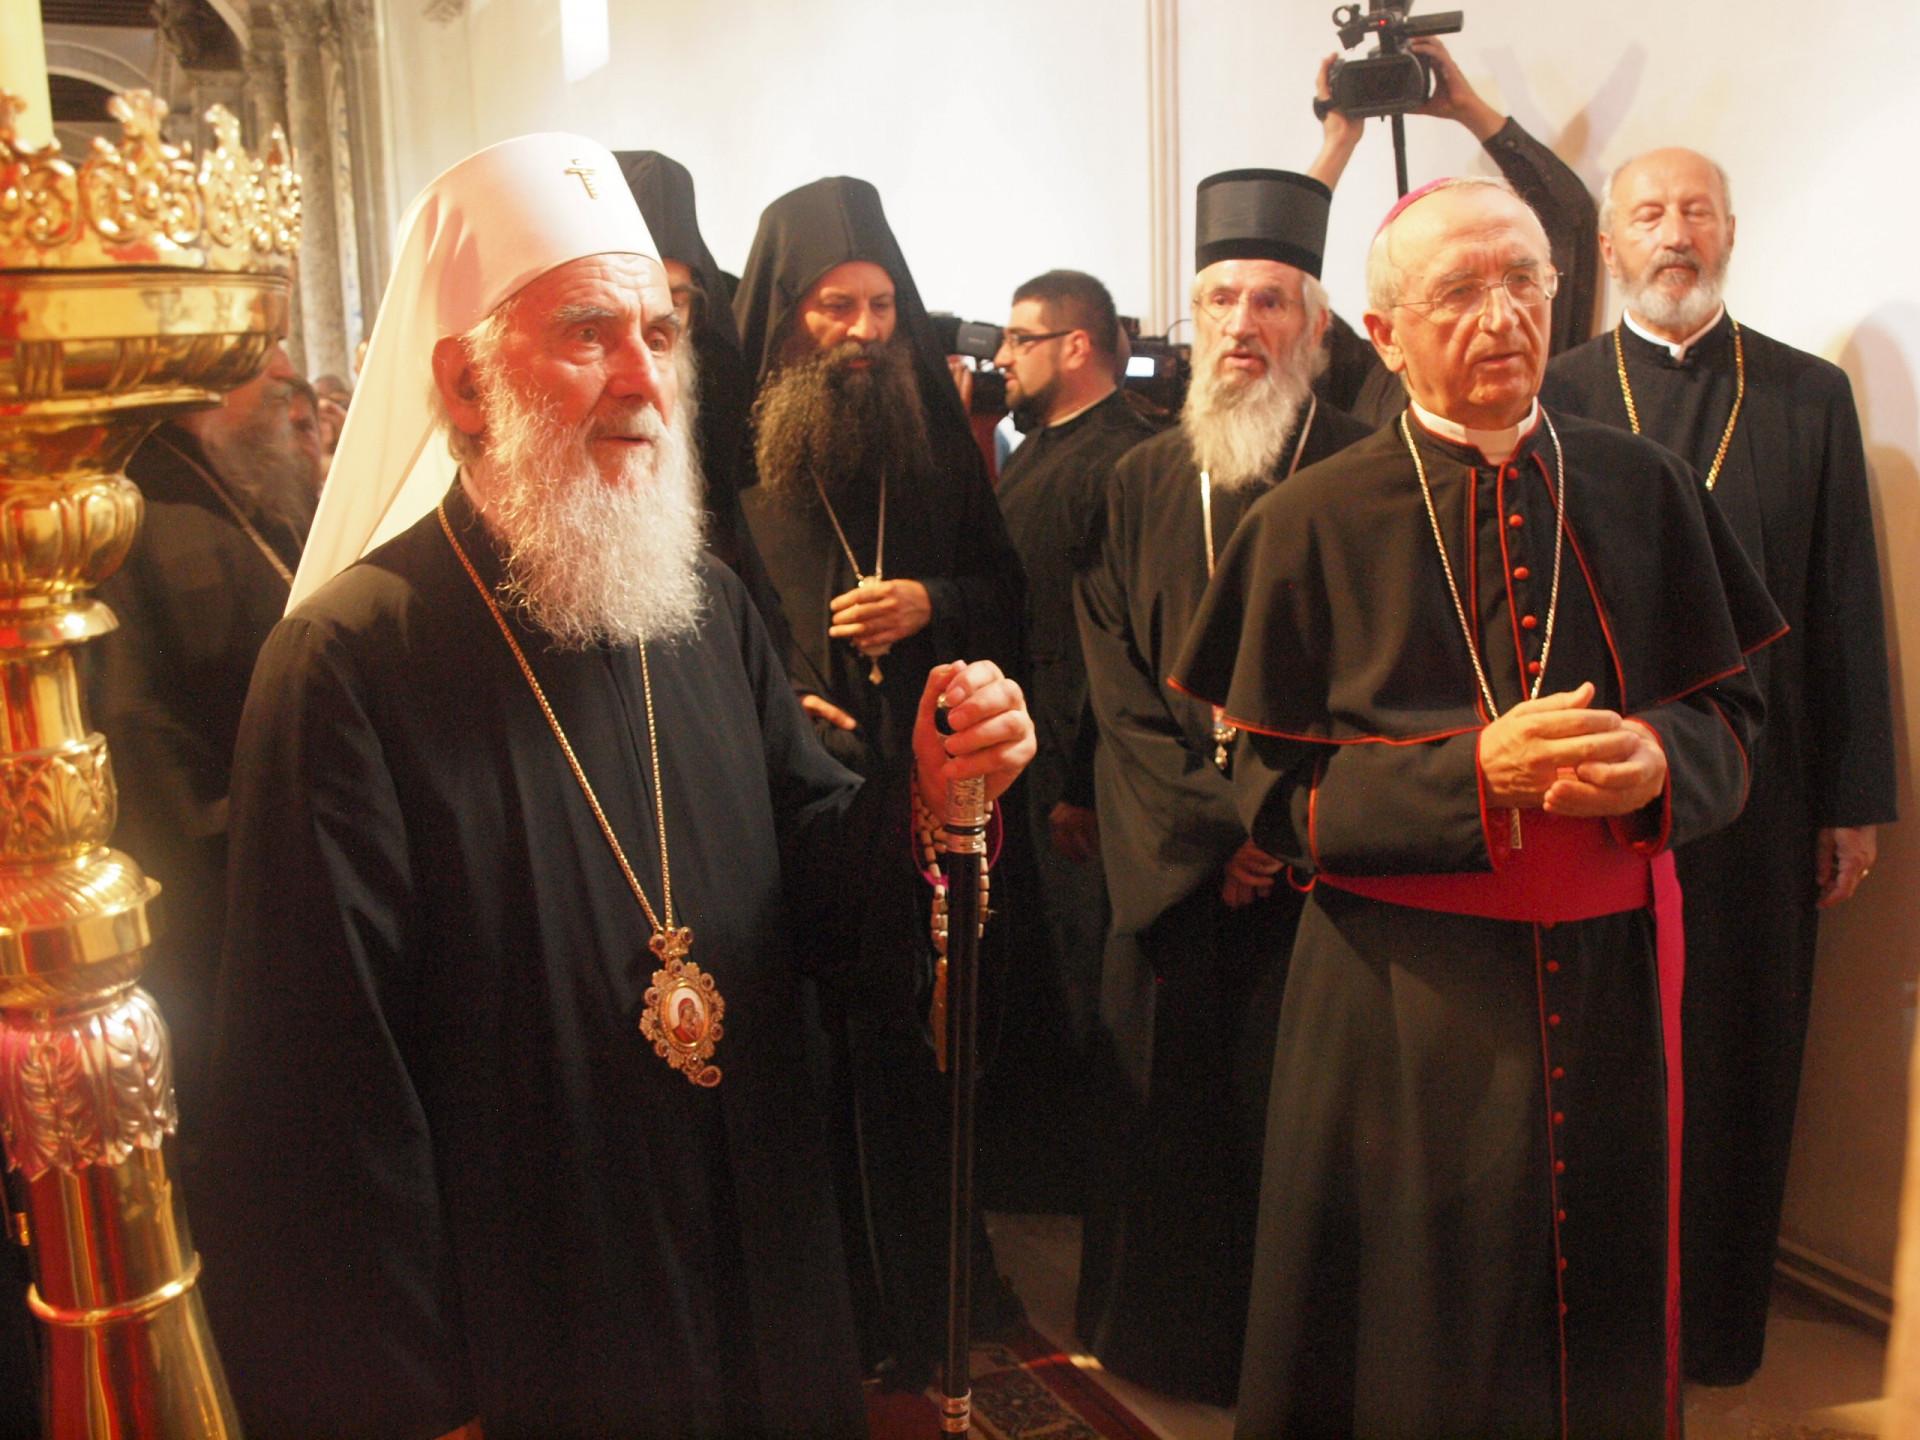 Sućut Srpskoj pravoslavnoj Crkvi predsjednika HBK nadbiskupa Puljića u  povodu smrti patrijarha Irineja - IKA